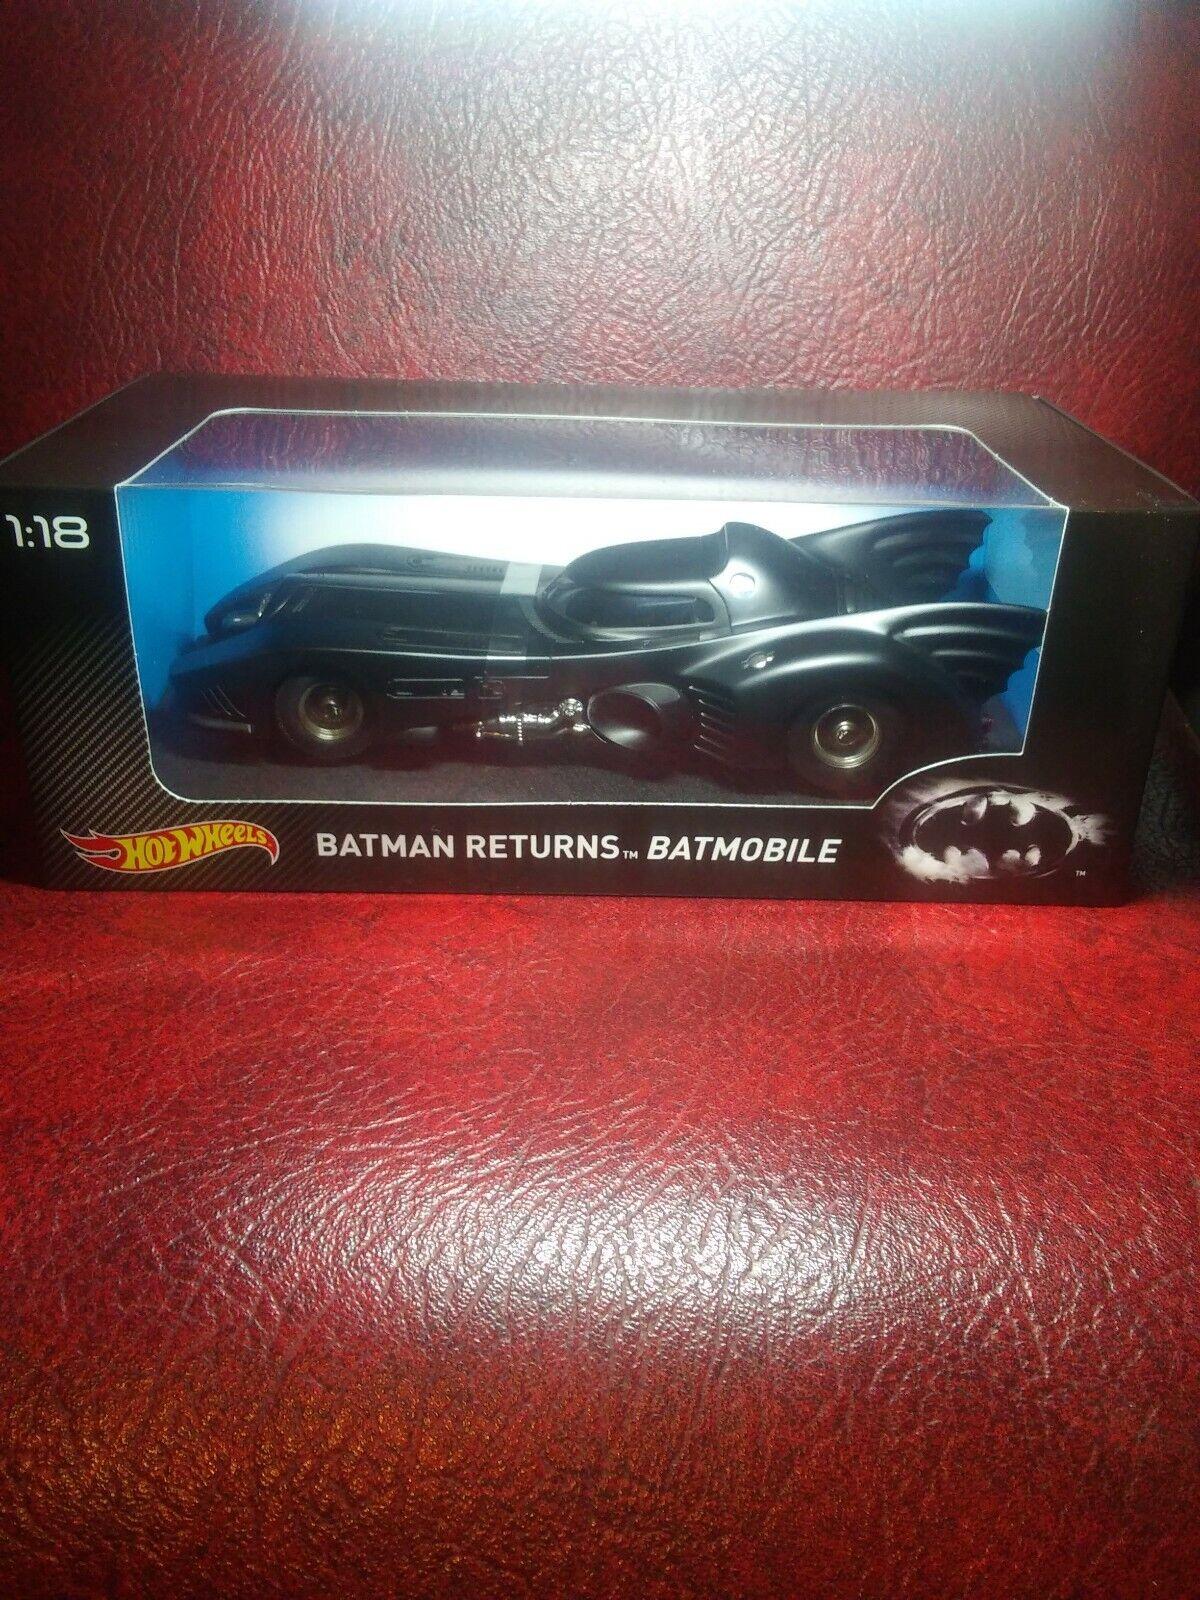 Hot Wheels Batman Returns Batmobile Die Cast véhicule échelle 1 18 2015